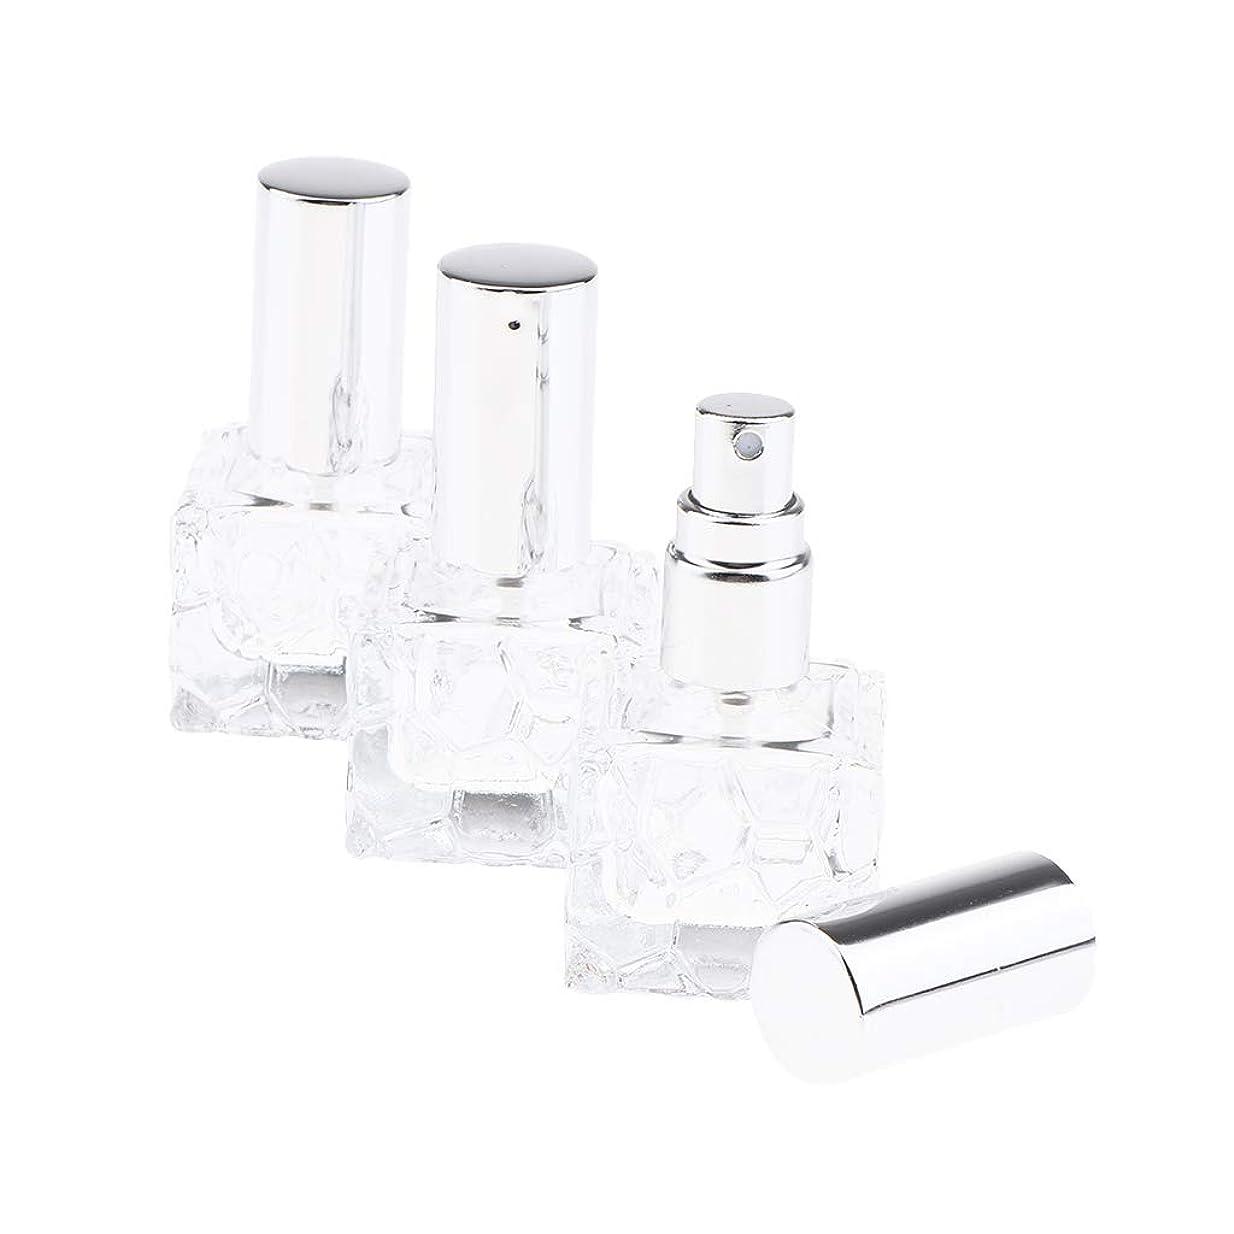 装備するどこ私たちのSM SunniMix 香水瓶 ポンプ式 スプレーボトル ガラス 香水アトマイザー 香水噴霧器 香水入れ 携帯用 2種選択でき - 10ml 3個